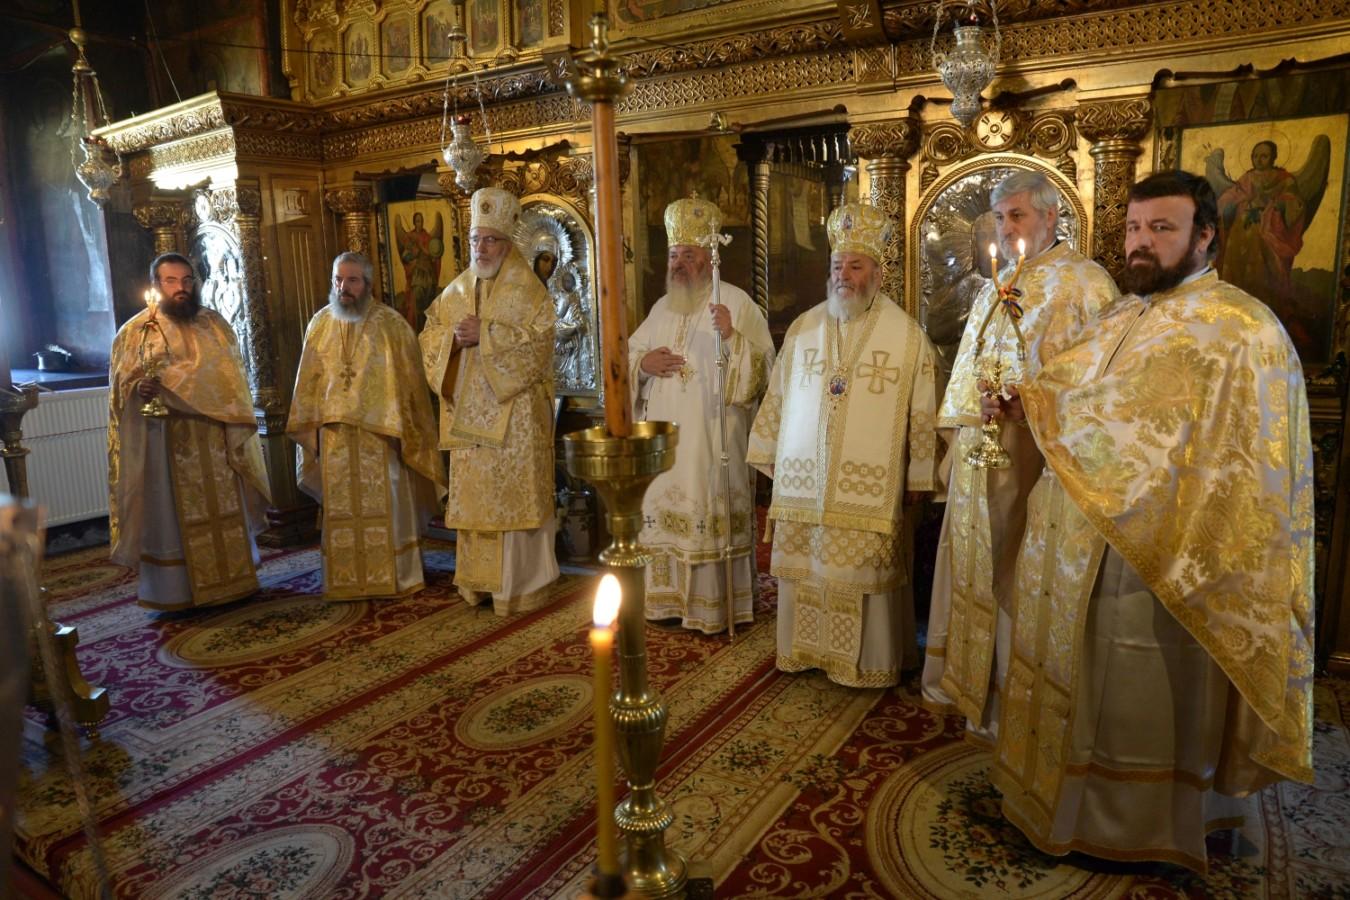 Mitropolitul Andrei la hramul Mănăstirii Căldăruşani: Într-o lume ce se secularizează este nevoie de creştini mărturisitori